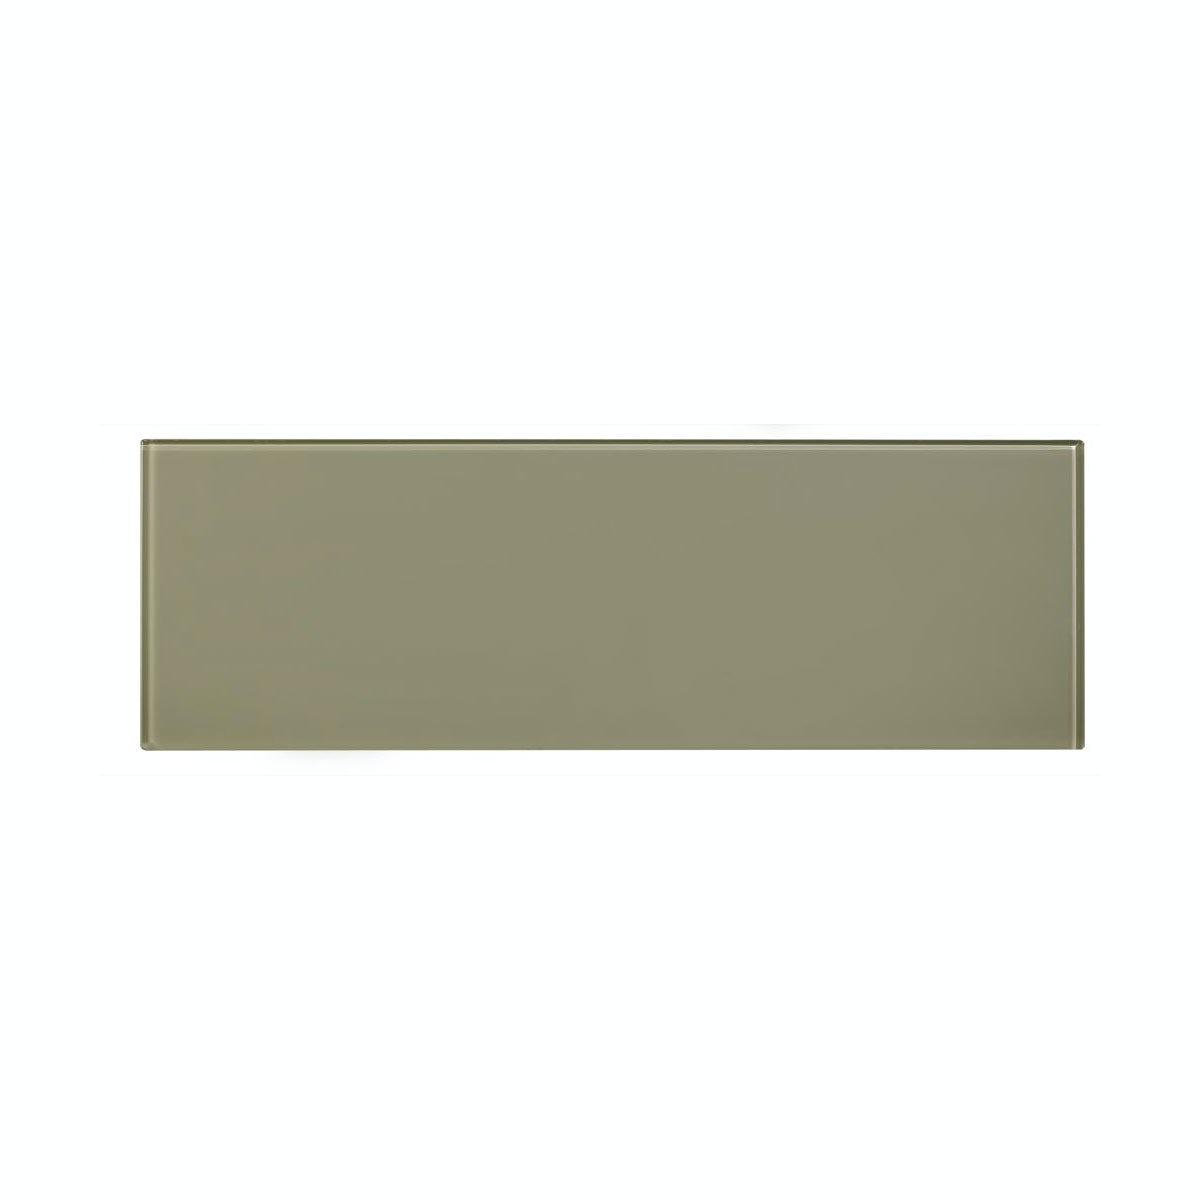 British Ceramic Tile glass olive tile 148mm x 448mm